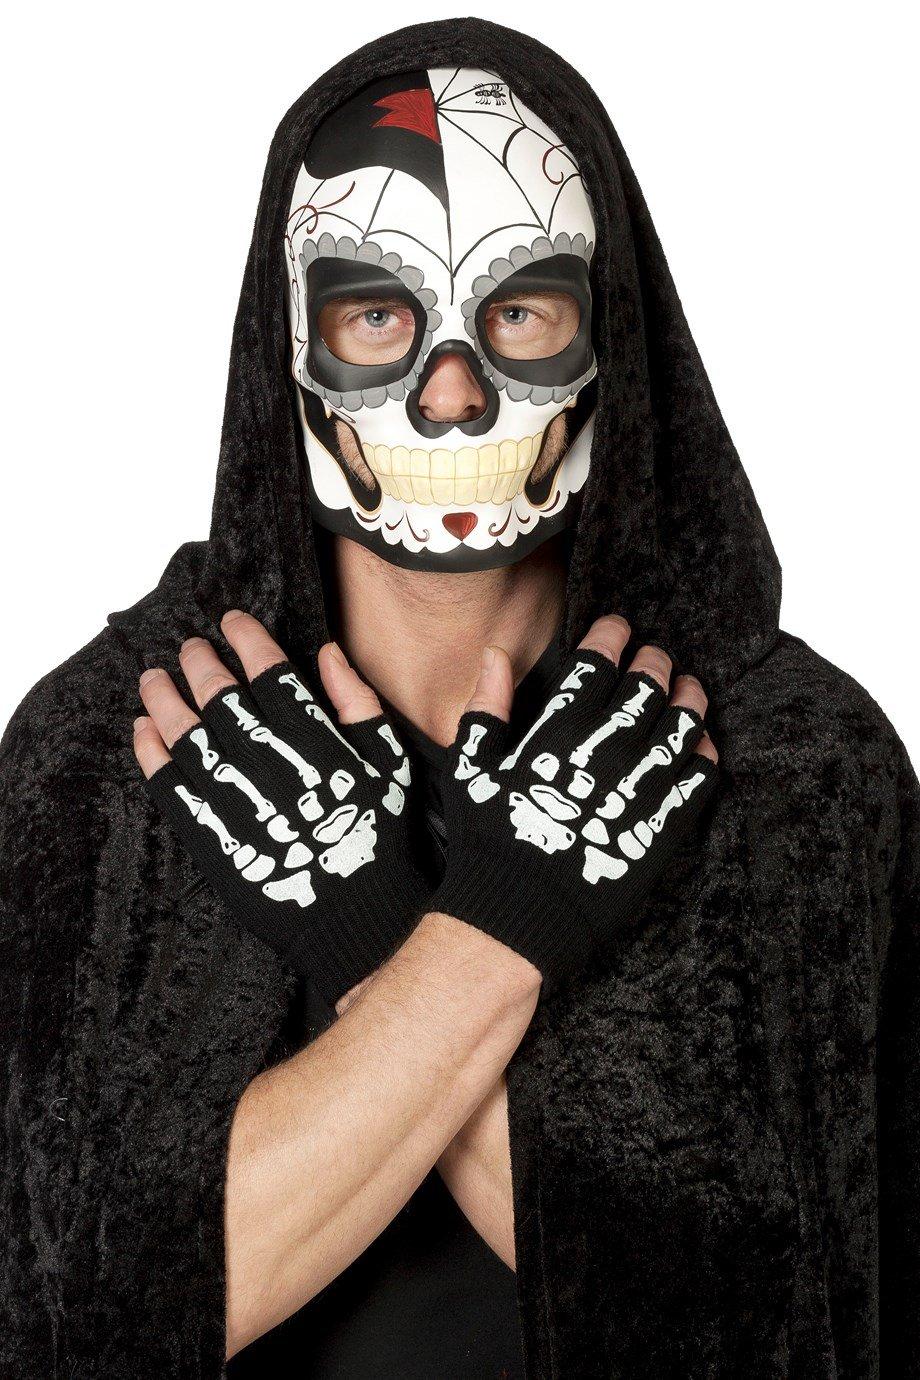 Jannes 34386 Halloween-Maske Tag der Toten Toten der für Herren Day of The Death Dia de los Muertos Mexico Mexiko Grusel Horror Scary HochwertigEinheitsgröße Schwarz 11bb43